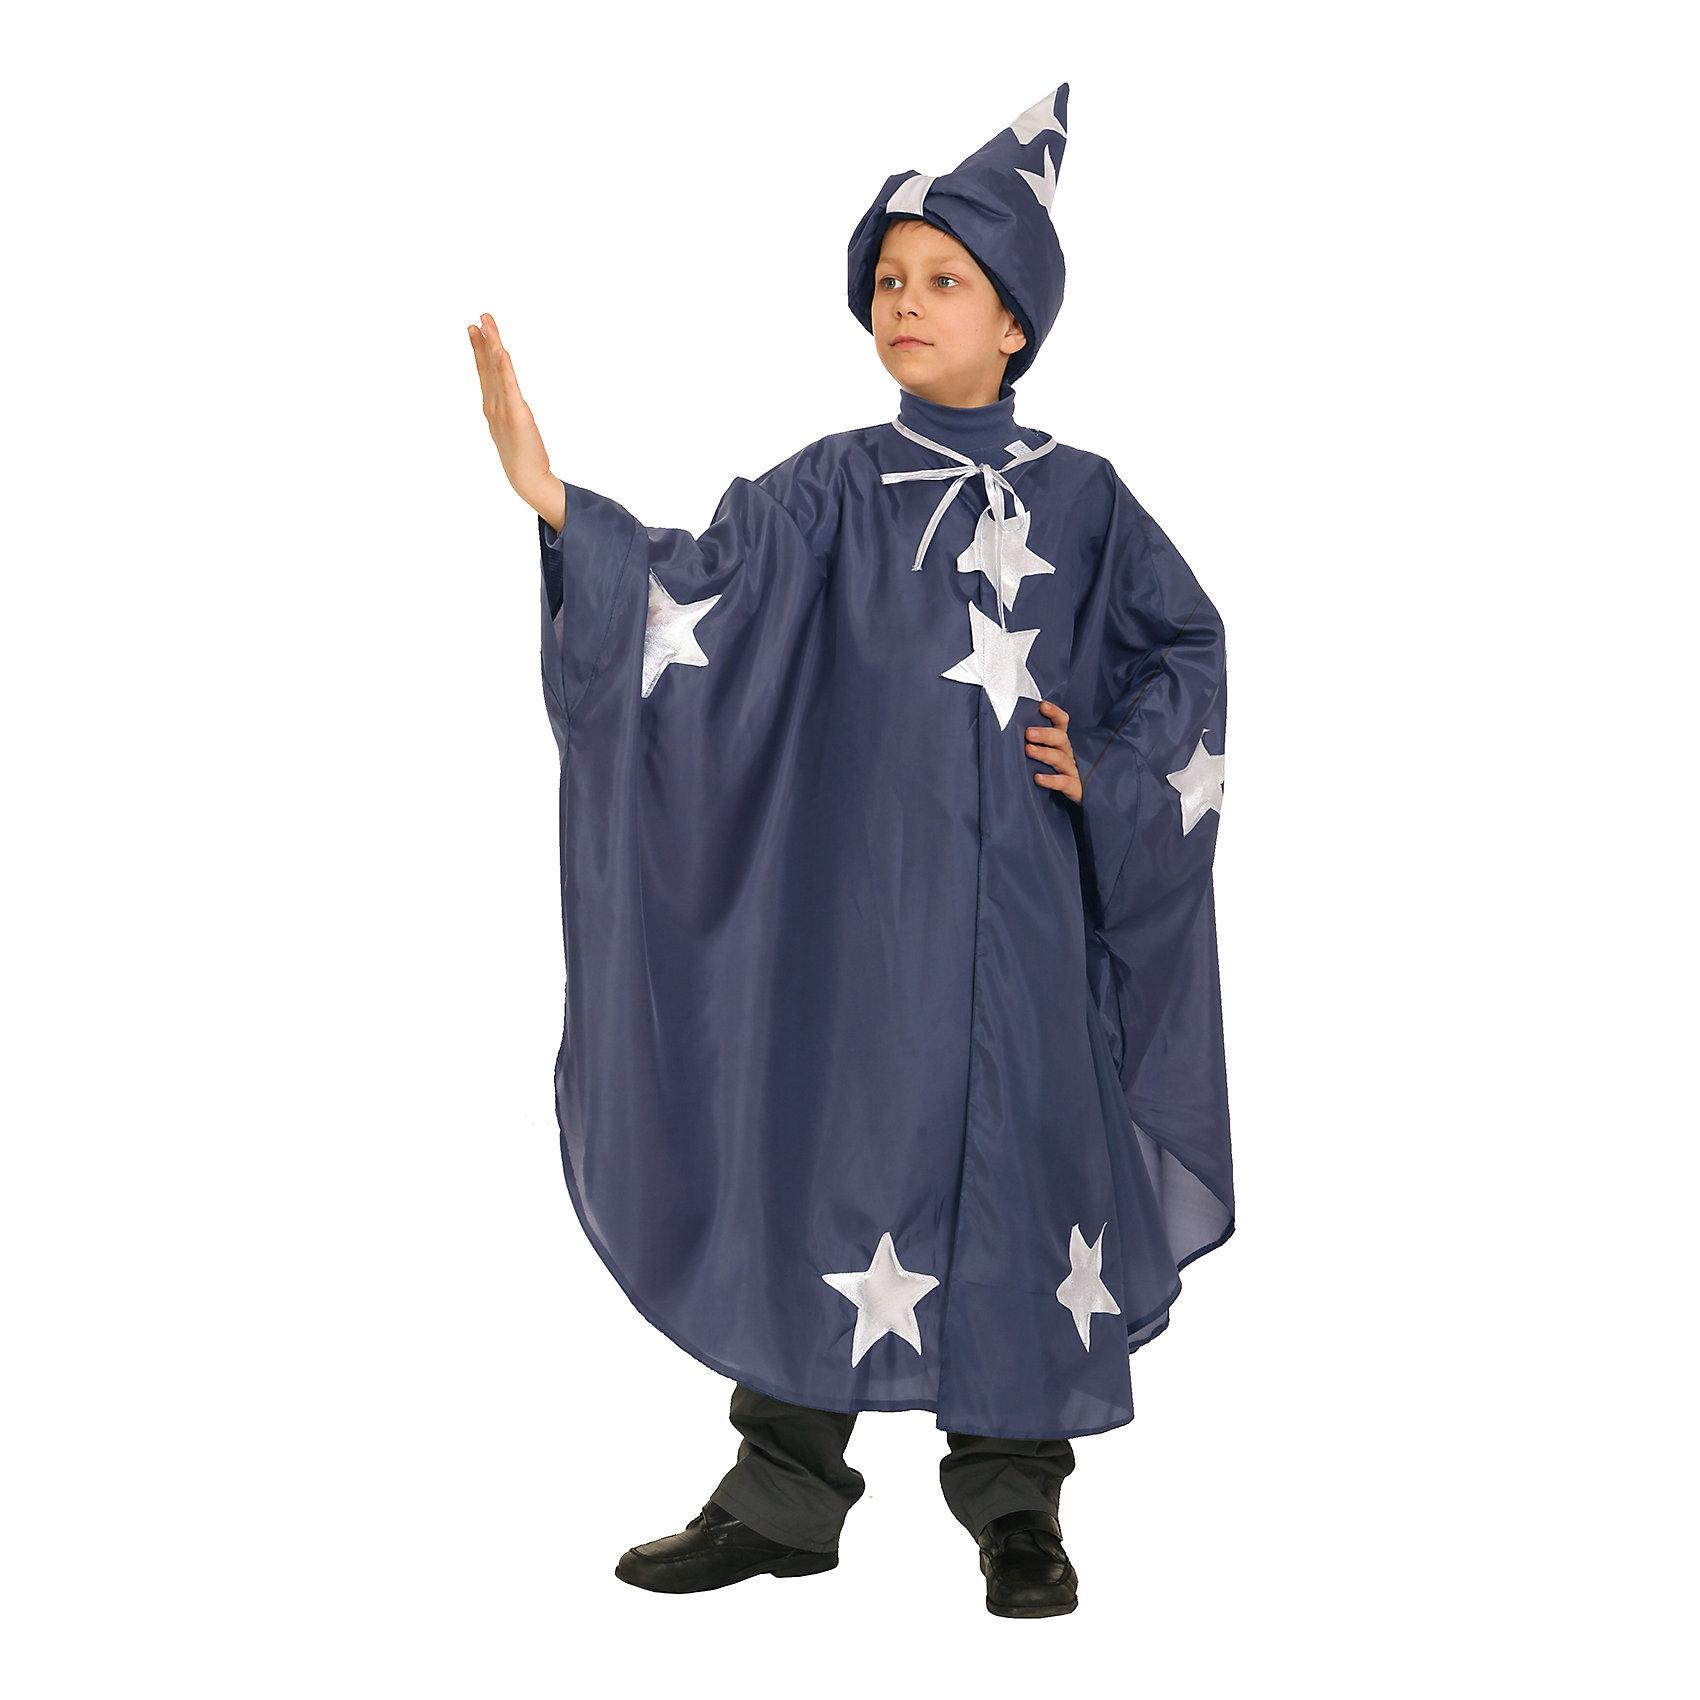 Карнавальный костюм для мальчика Звездочет, ВестификаКарнавальный костюм Звездочет любят и мальчики и девочки. Костюм состоит из широкого плаща, украшенного аппликацией из серебряной парчи. Плащ фиксируется липучками. дополняет костюм колпак, подбитый синтепоном и снабженный подкладкой из хлопчатобумажной ткани. Костюм Звездочета отлично подойдет для утренника в детском саду, костюмированных праздников, новогодних огоньков. Рекомендуем дополнить костюм темными брюками, рубашкой и ботинками в тон брюк.<br><br>Дополнительная информация:<br><br>Комплектация:<br>Плащ их крепсатина со звездами<br>Колпак из крепсатина<br>Ткани:<br>Крепсатин (100% полиэстер)<br>Синтепон (100% полиэстер)<br>Бязь (100% хлопок)<br>Стрейч-парча (95% полиэстер, 5% эластан)<br><br>Карнавальный костюм для мальчика Звездочет, Вестифика можно купить в нашем магазине.<br><br>Ширина мм: 236<br>Глубина мм: 16<br>Высота мм: 184<br>Вес г: 150<br>Цвет: разноцветный<br>Возраст от месяцев: 96<br>Возраст до месяцев: 108<br>Пол: Мужской<br>Возраст: Детский<br>Размер: 128/134,116/122<br>SKU: 4389242